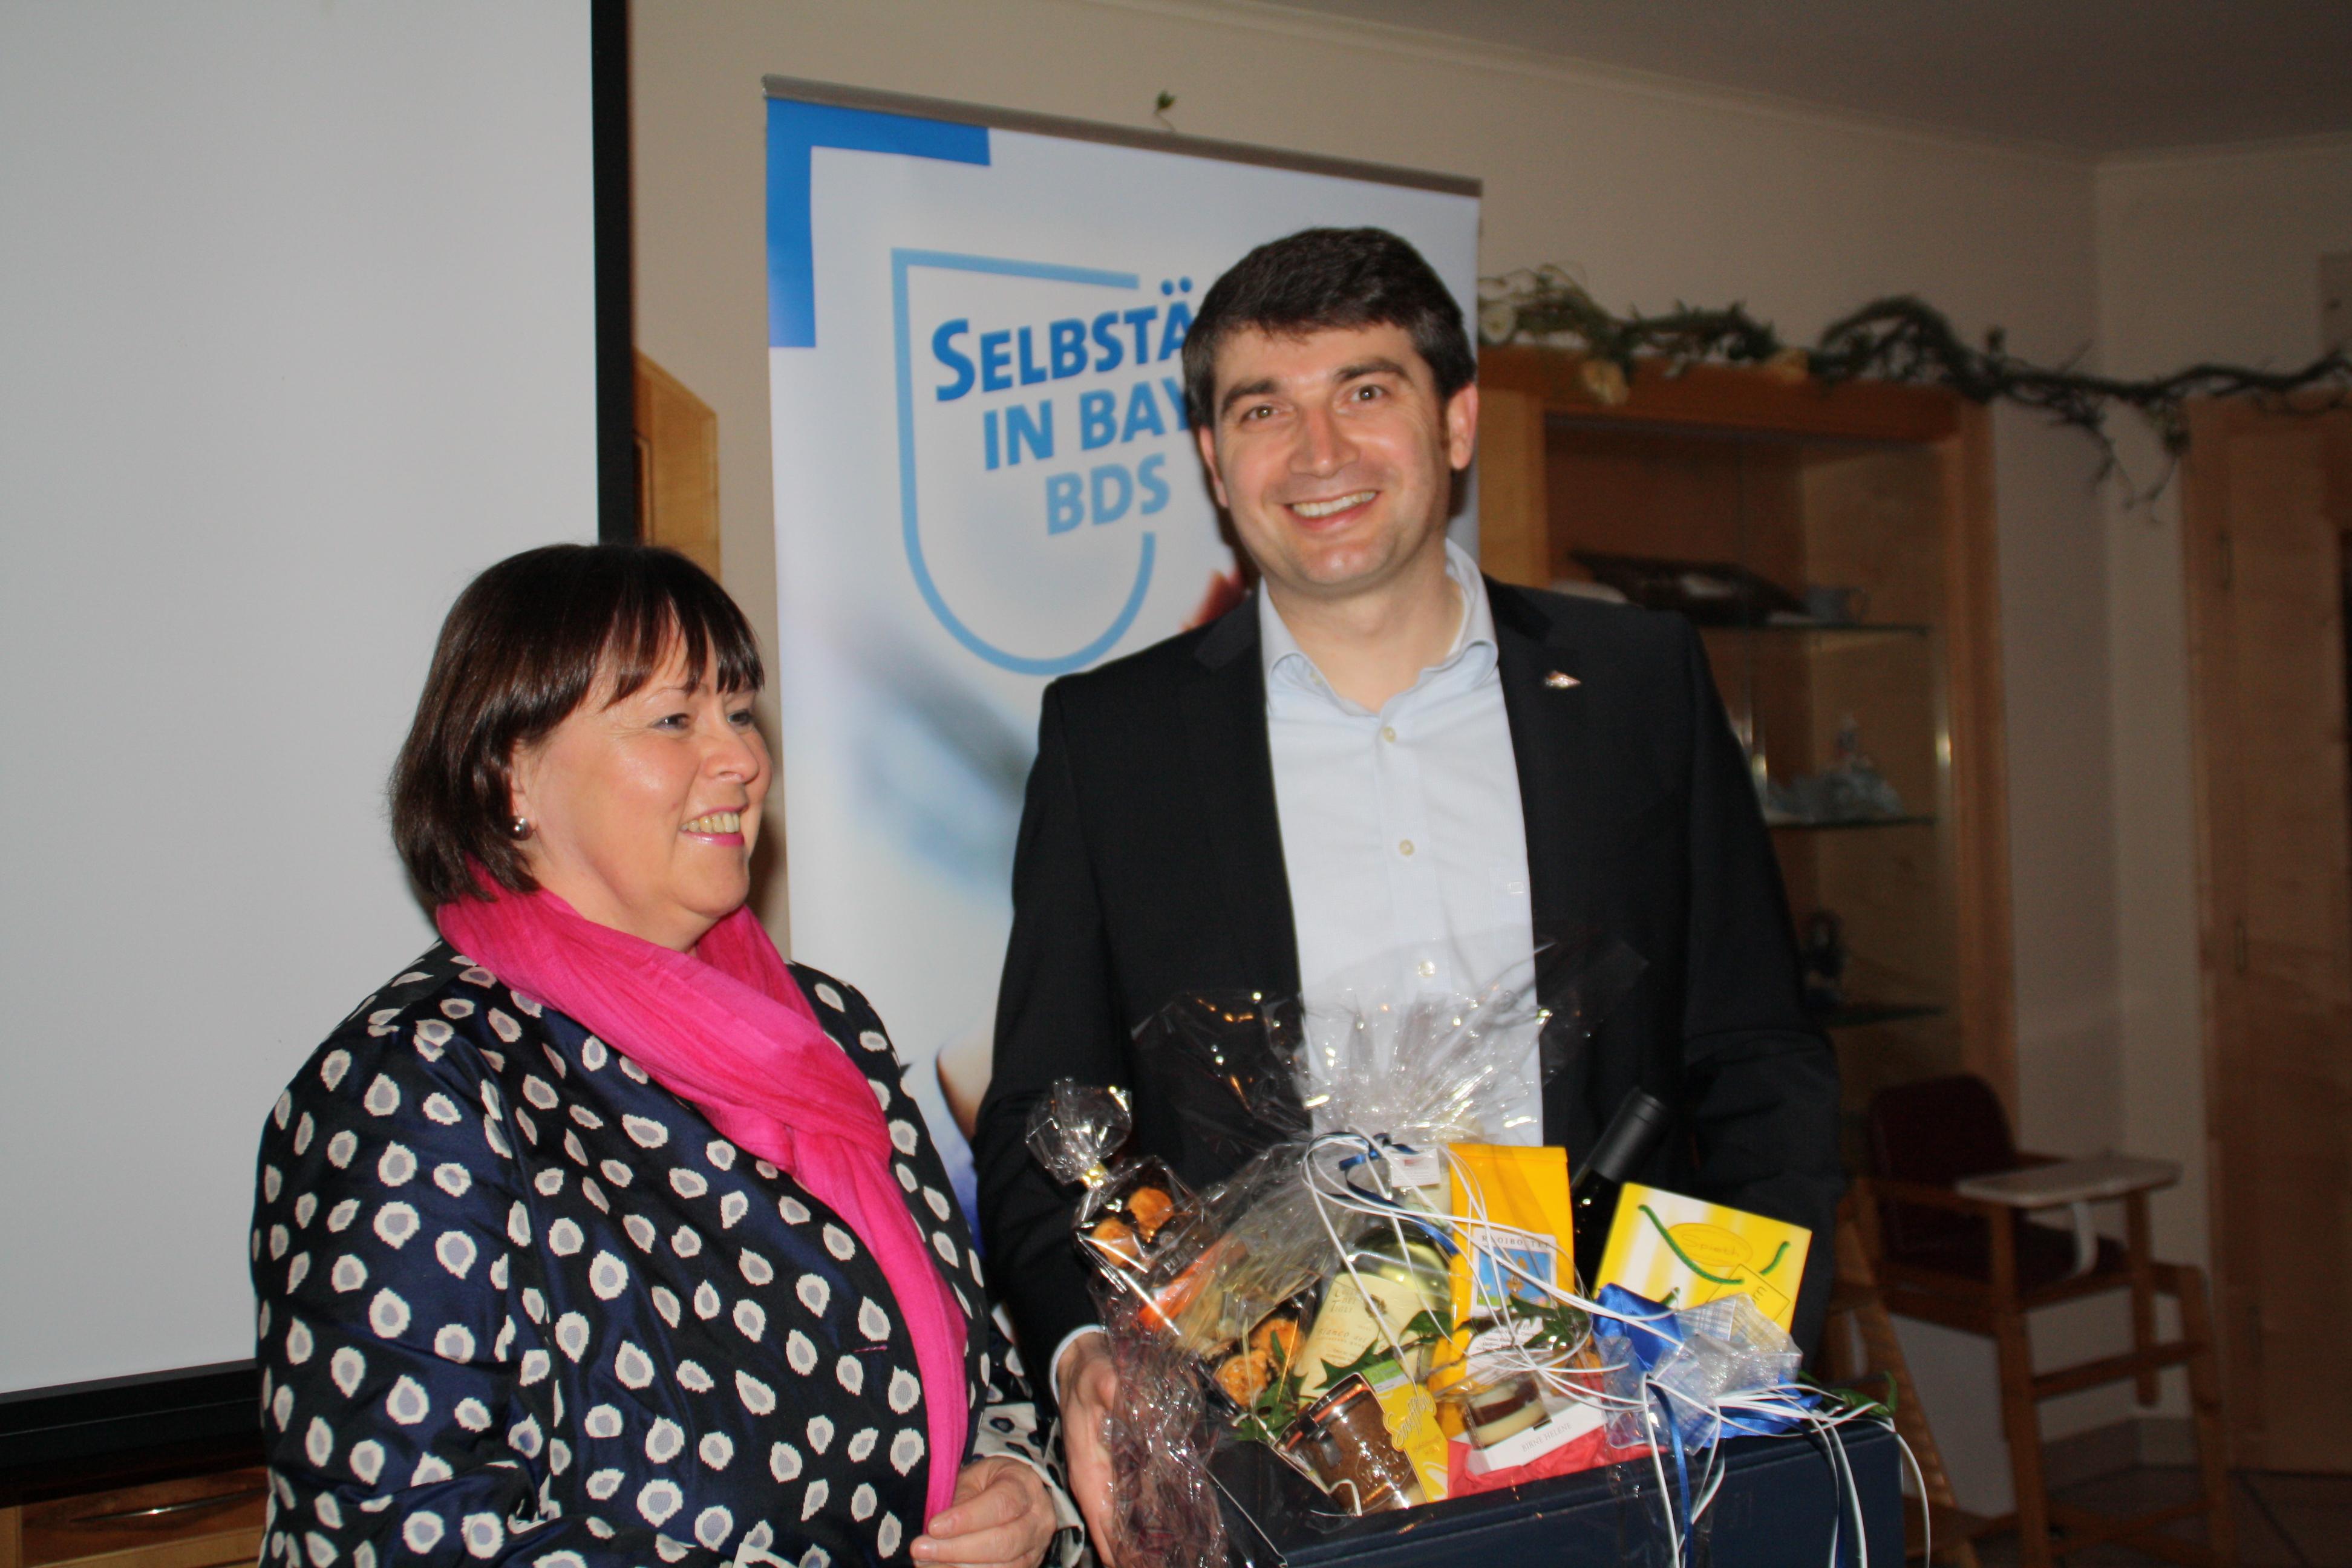 Geschenk BDS an Gerhard Biber